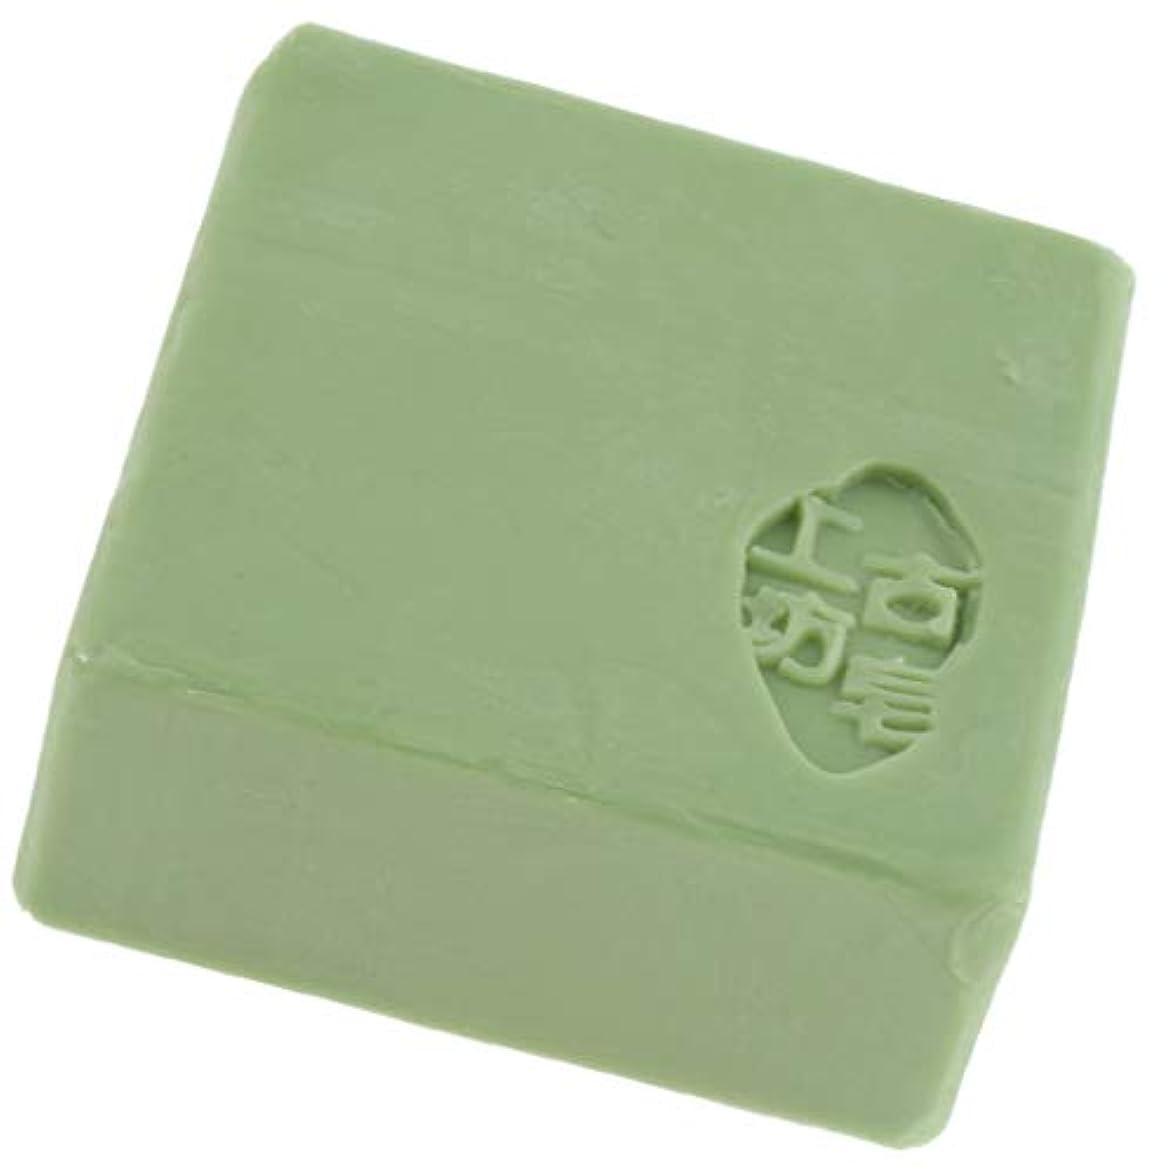 マートアサー初期のバス スキンケア フェイス ボディソープ 石鹸 保湿 好意 全3色 - 緑